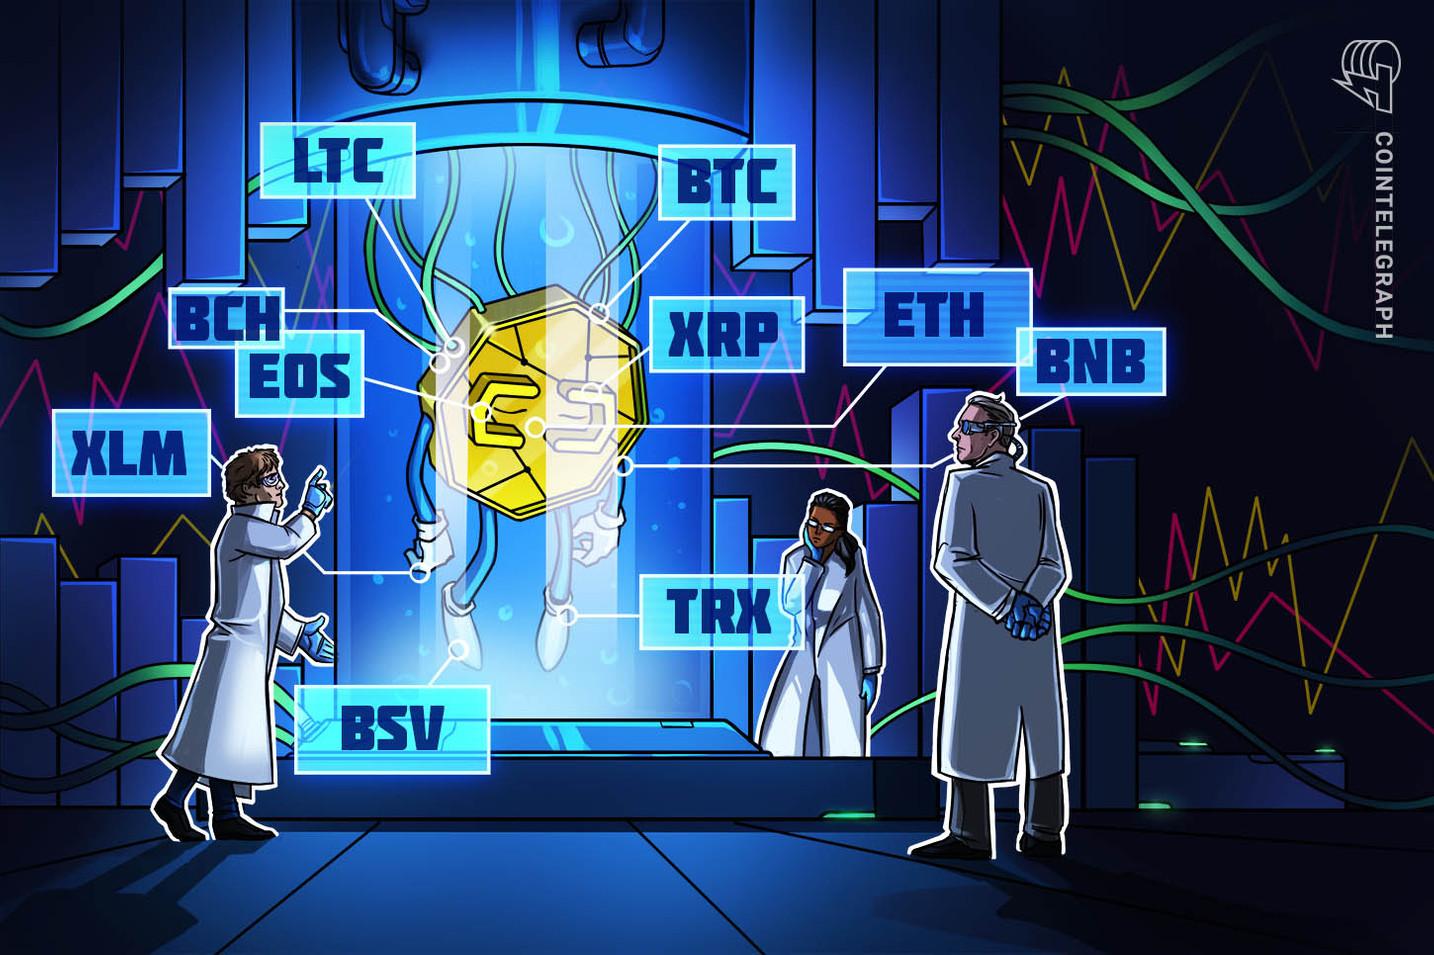 Análise de Preços, 8 de Fevereiro: Bitcoin, Ripple, Ethereum, Litecoin, EOS, Bitcoin Cash, Tron, Stellar, Binance Coin, Bitcoin SV